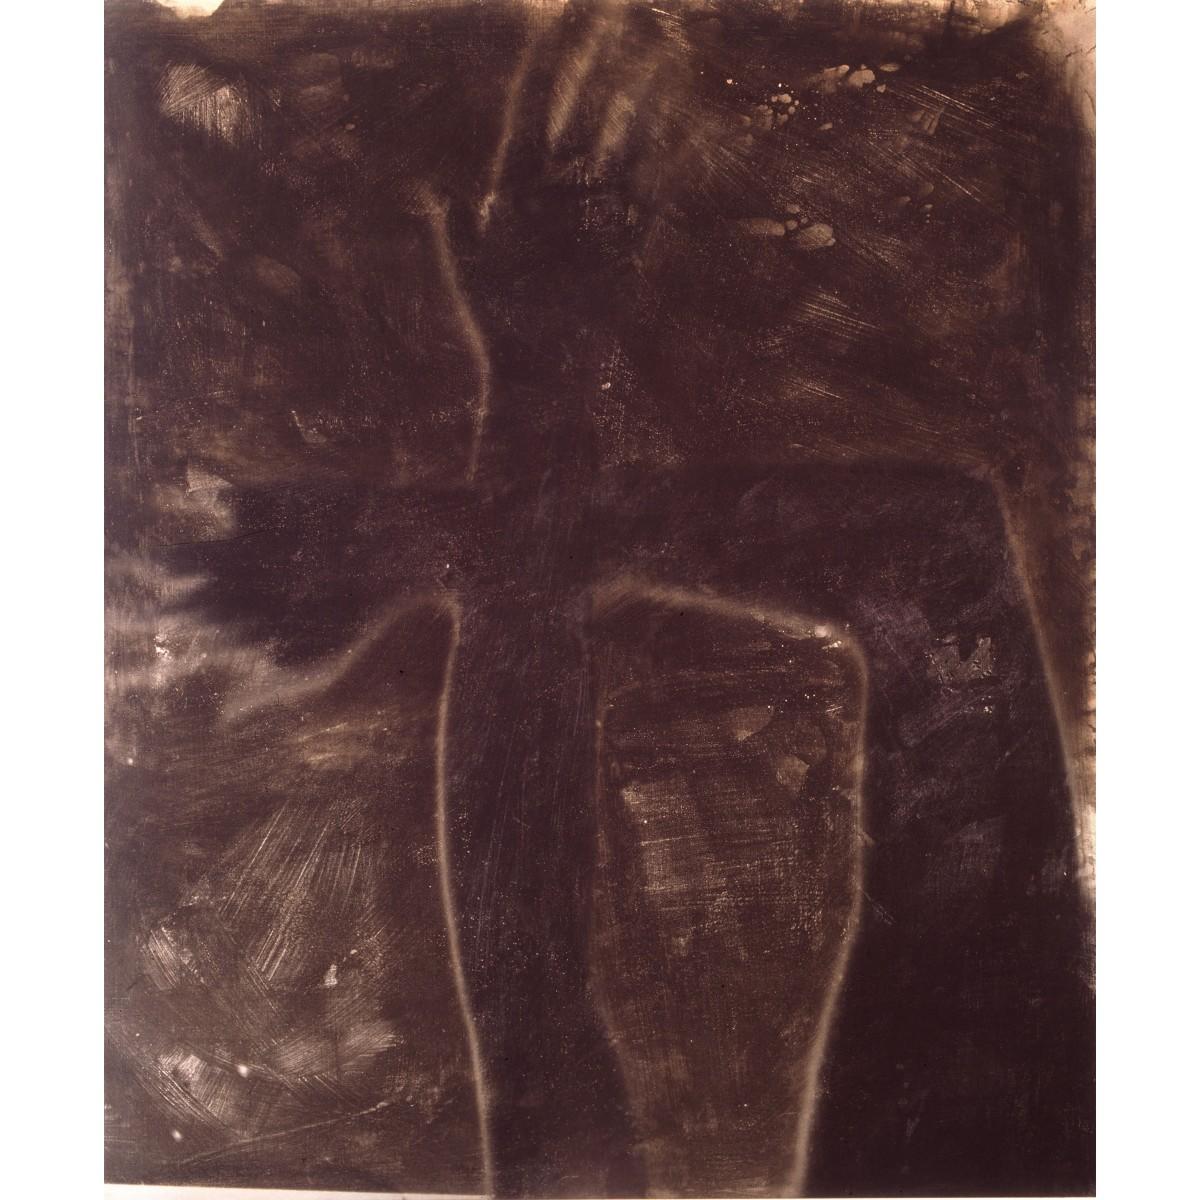 Untitled (Shadow), 1998